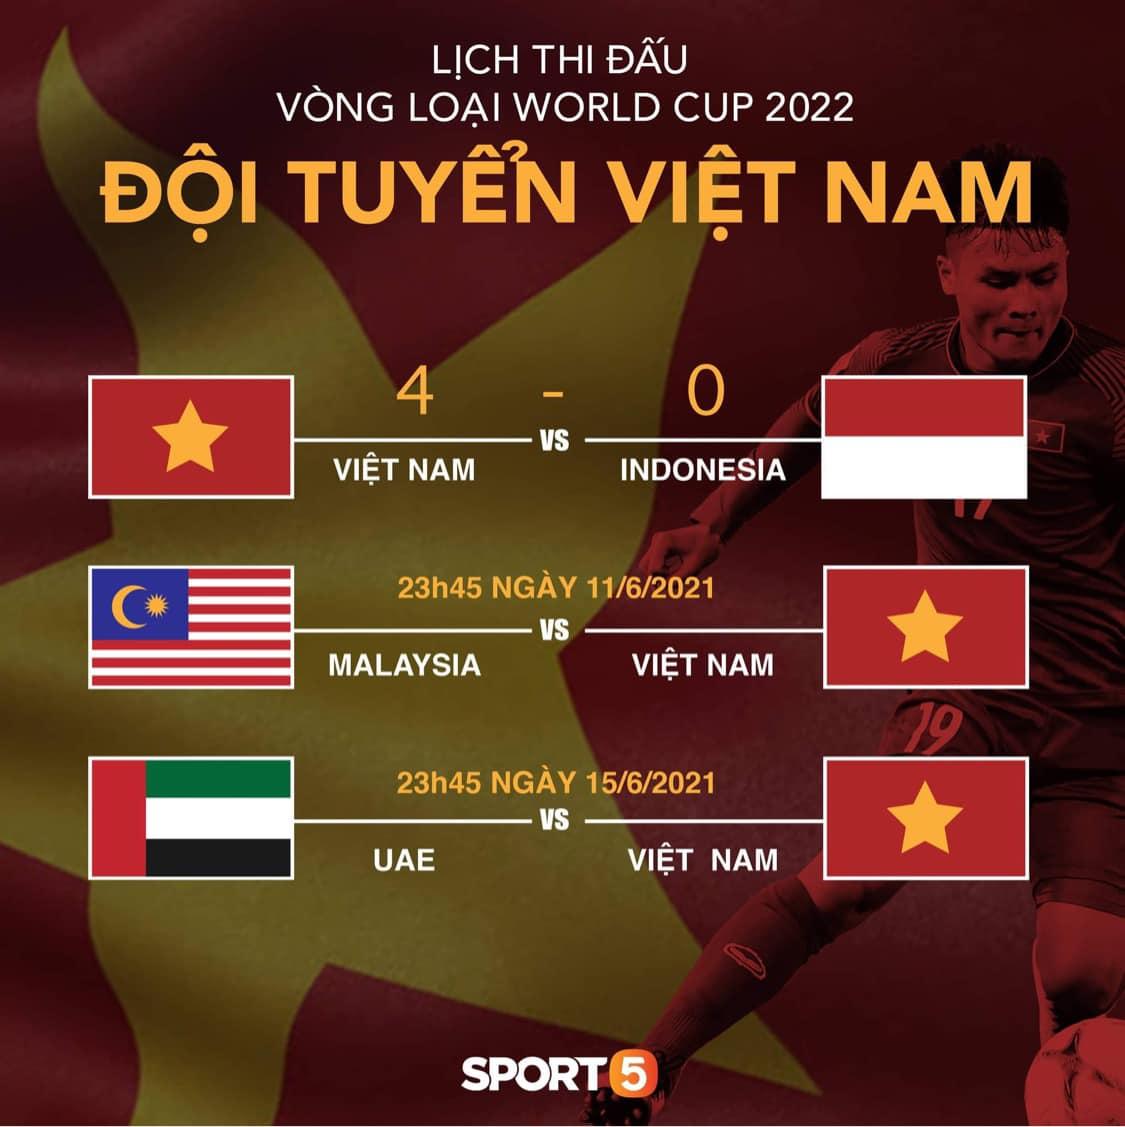 HLV đội tuyển UAE nói cứng, quyết đè bẹp Indonesia và đập tan giấc mộng đầu bảng của Việt Nam - Ảnh 3.